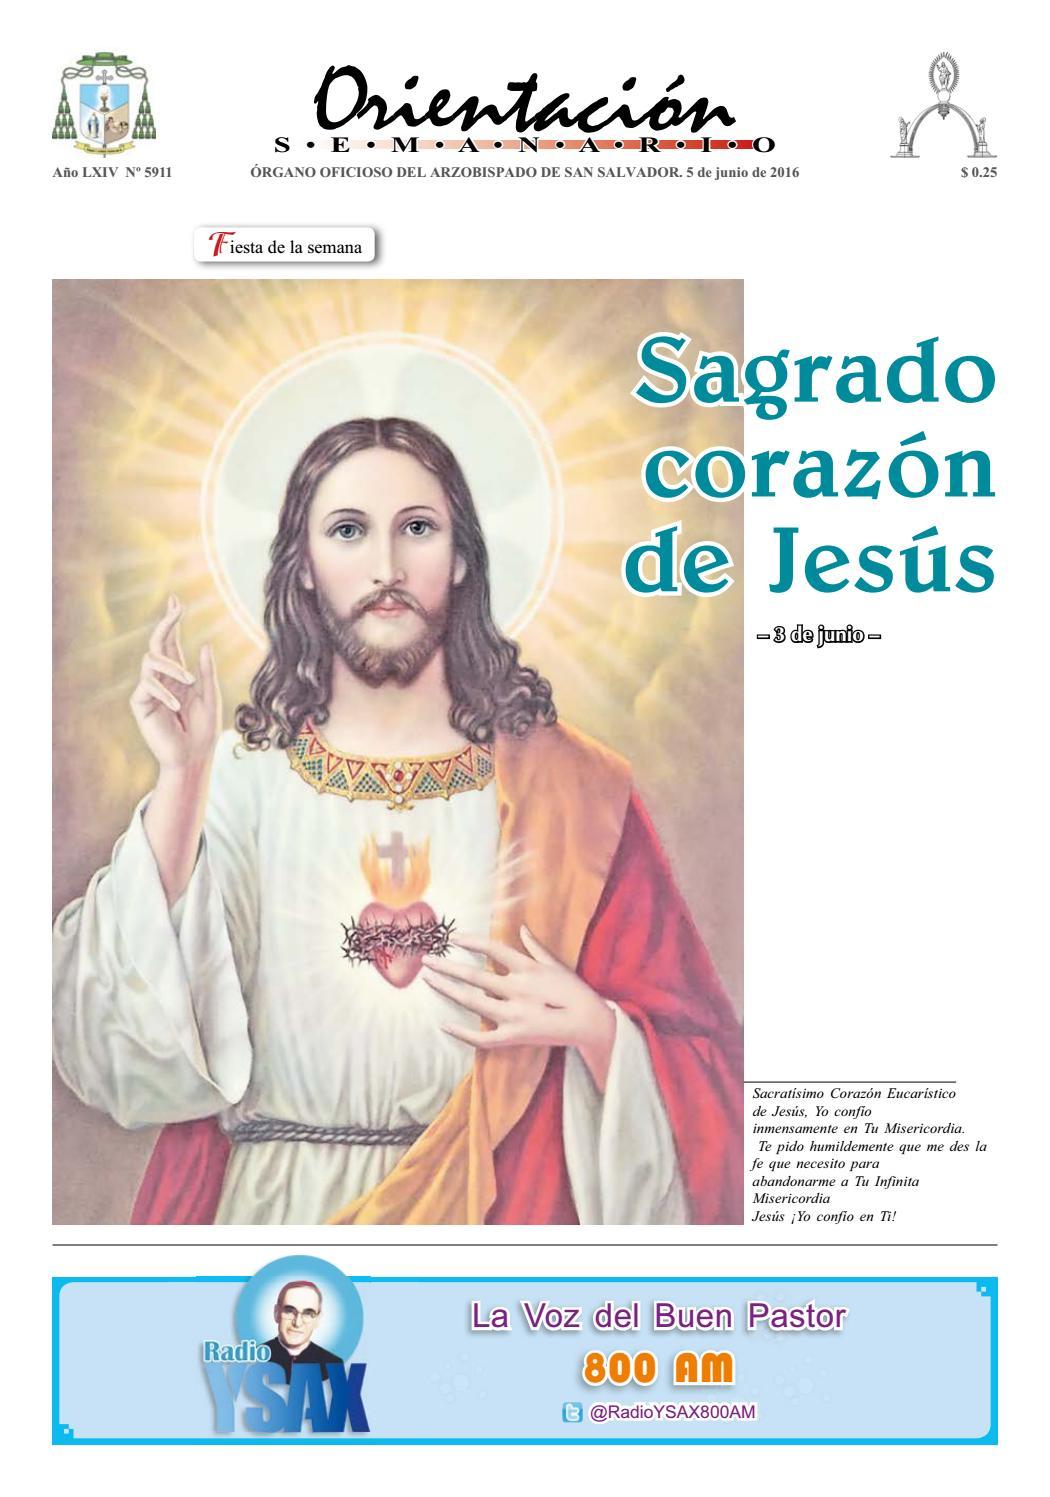 4e8ebbc94e98b Orientación 05 de junio 2016 by Arzobispado de San Salvador - issuu